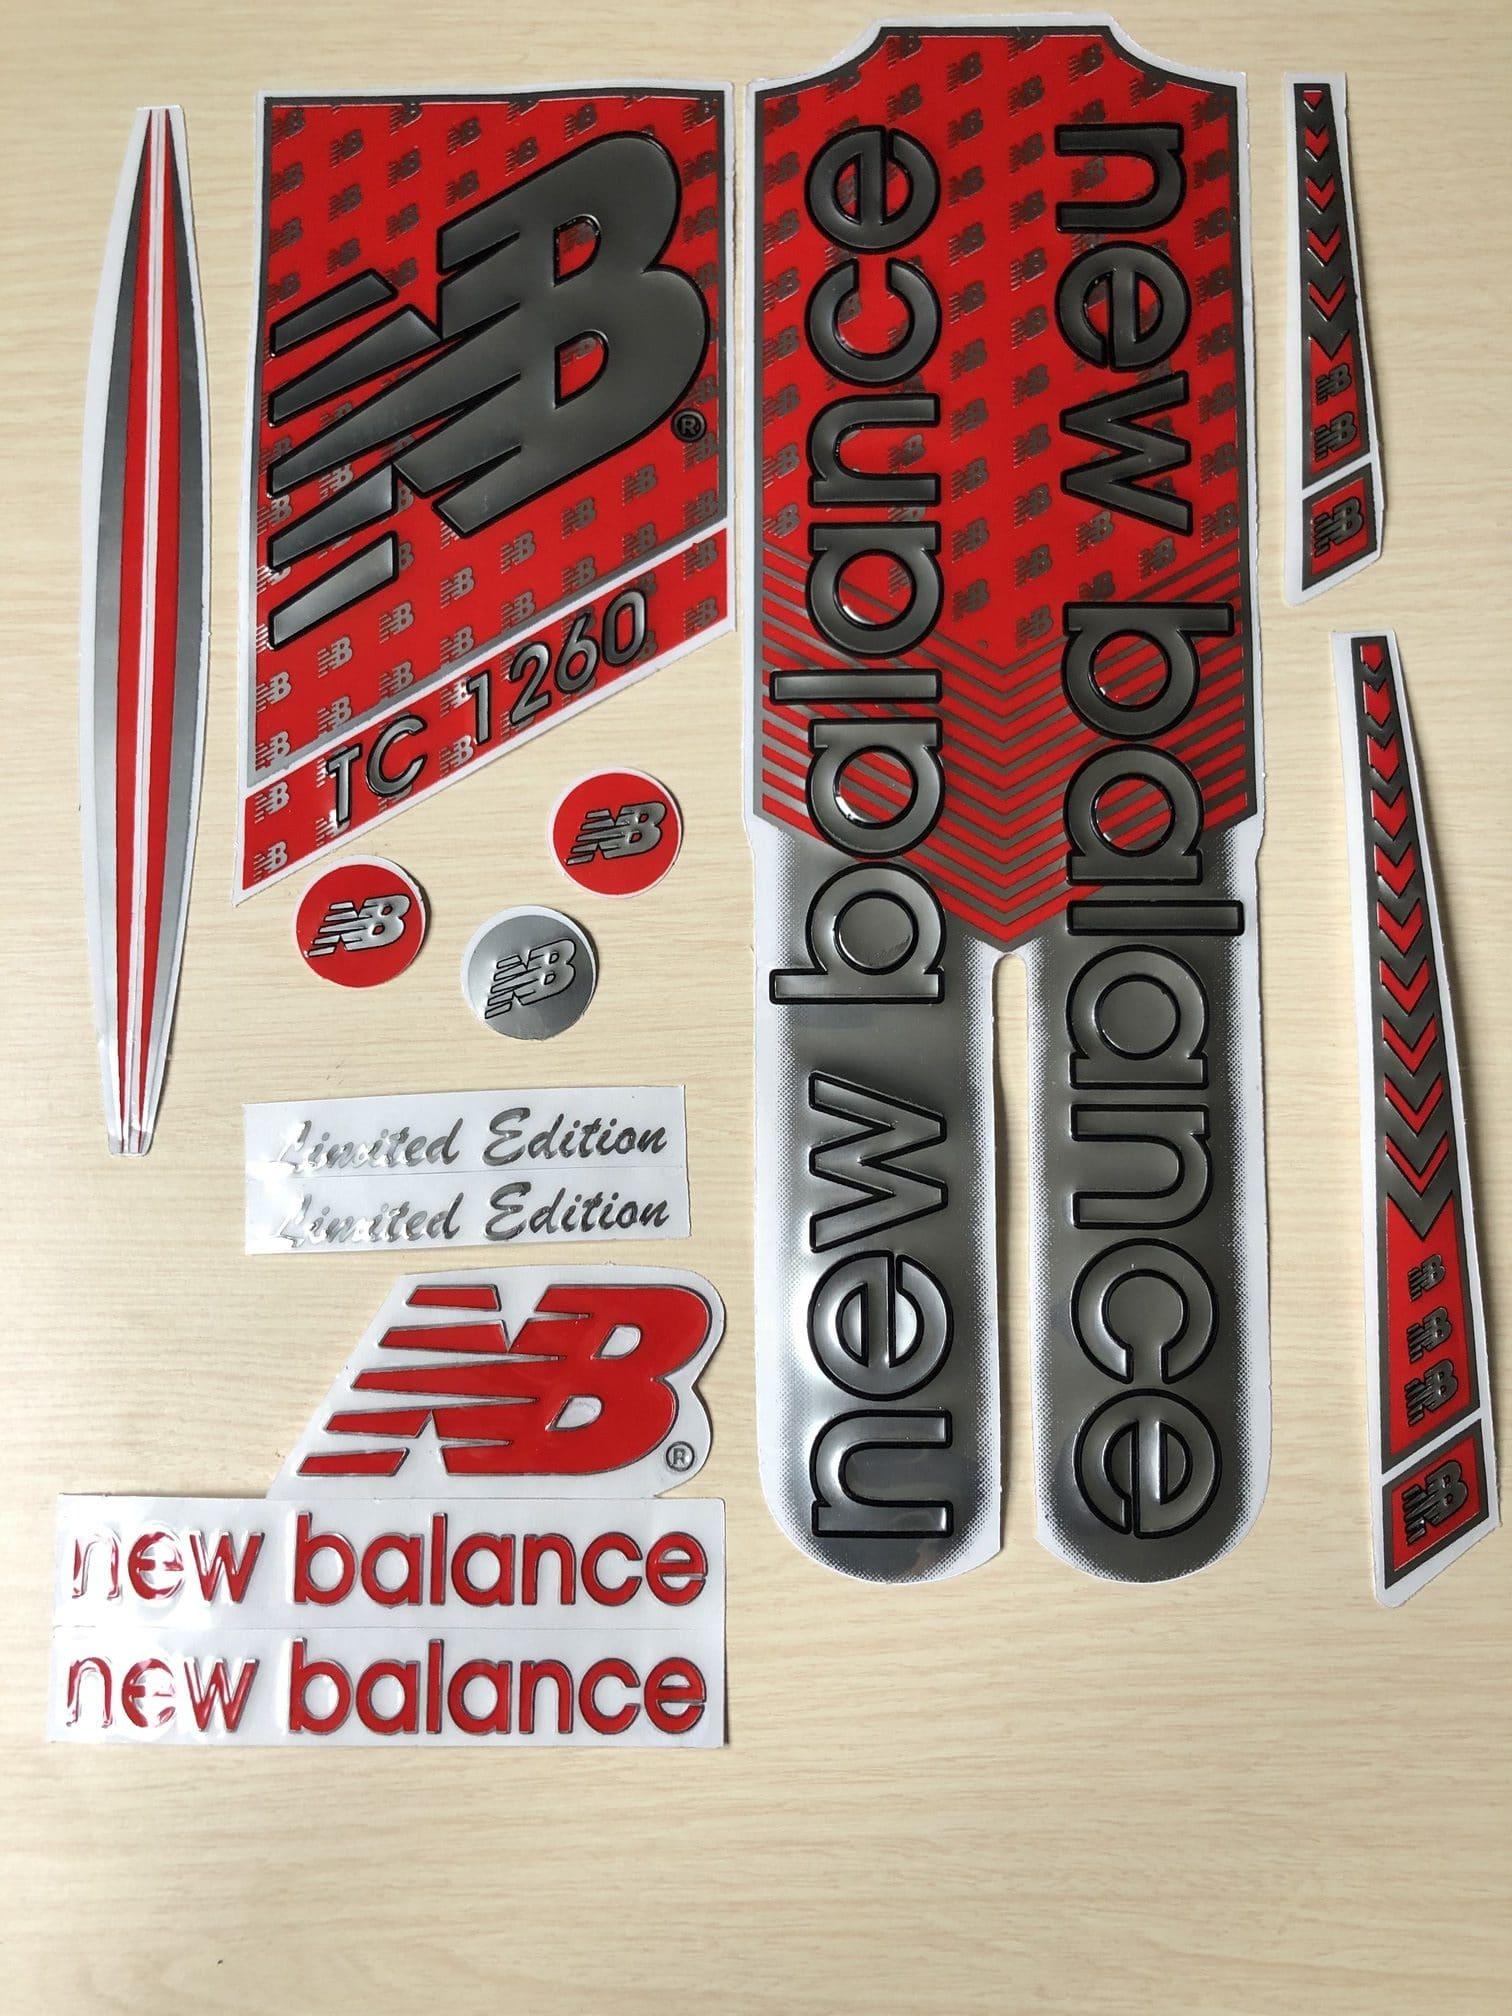 Sprung Ohnmacht verpflichten new balance bat stickers Hubert ...